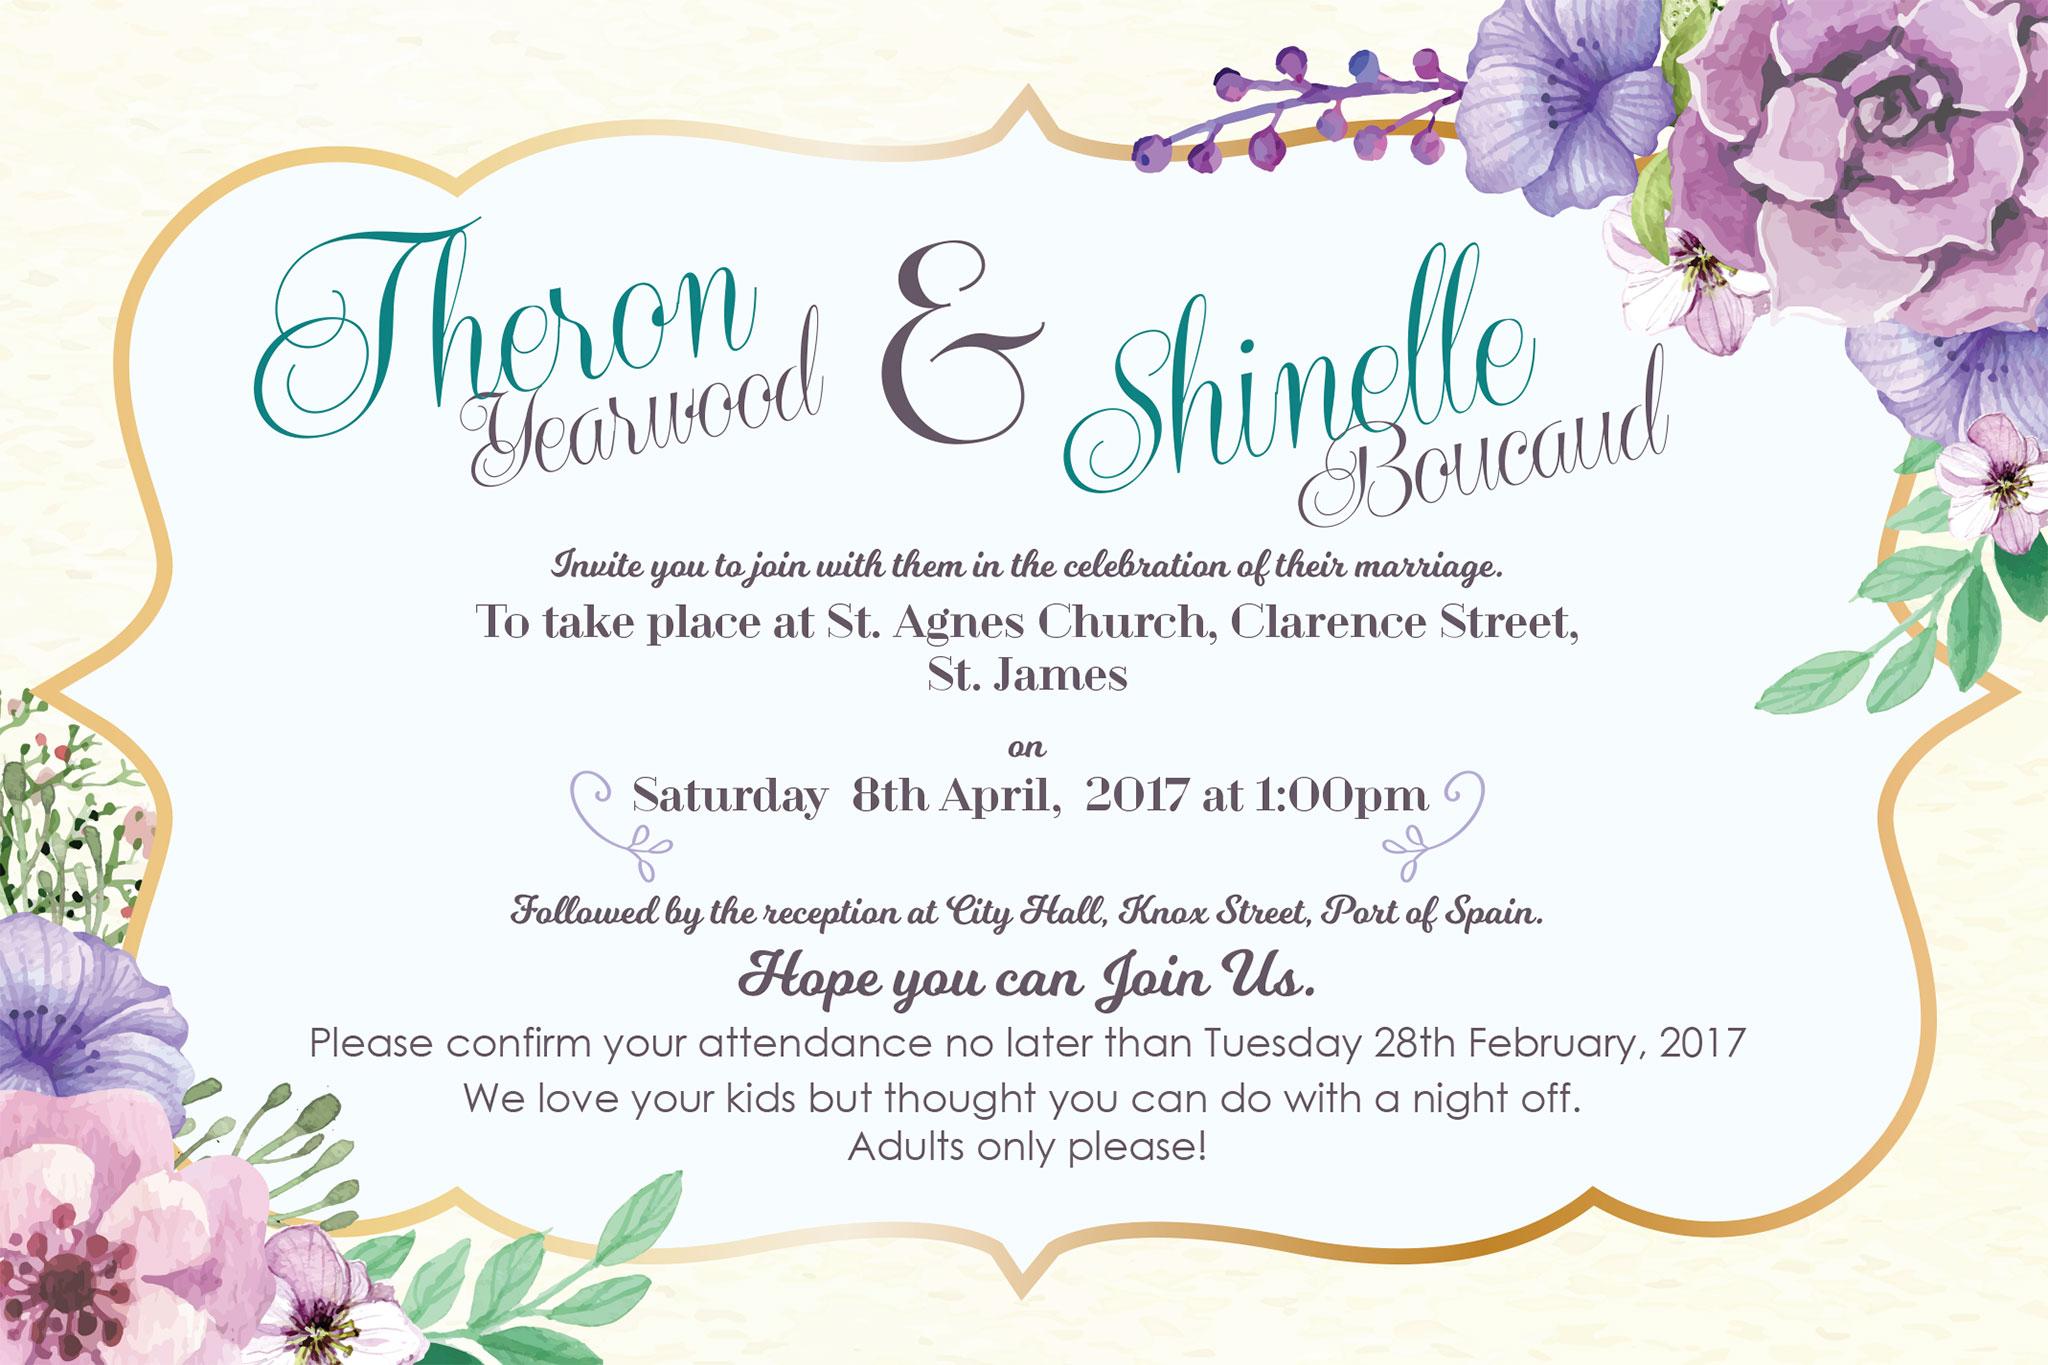 Wedding Invitation - Theron Yearwood & Shinelle Boucaud